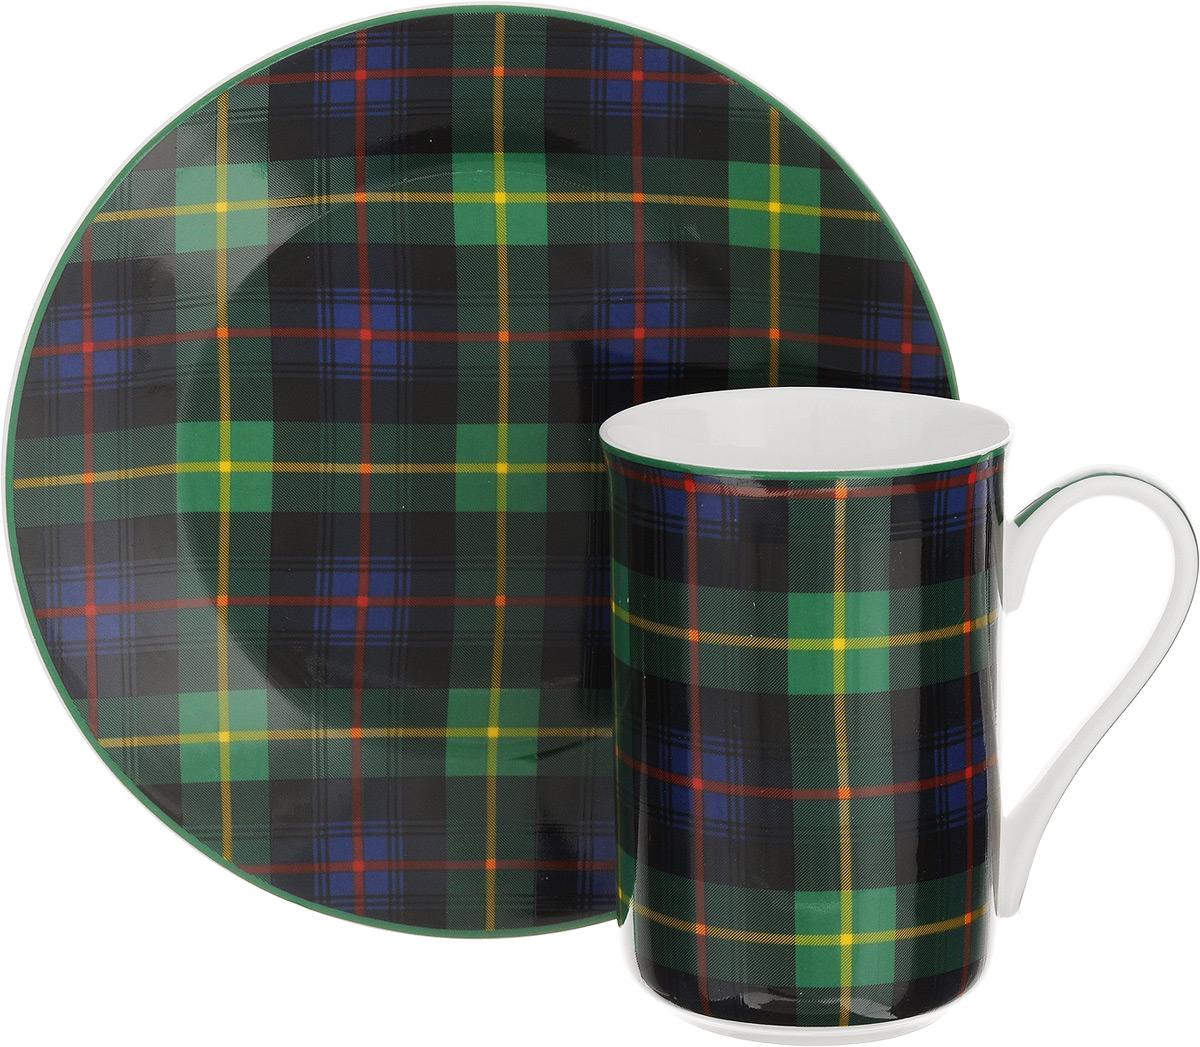 Набор для завтрака Patricia Стиль, 2 предмета. IM52-1100IM52-1100Набор для завтрака Patricia Стиль включает кружку и тарелку. Изделия выполнены из фарфора высокого качества и украшены декором в виде традиционной шотландской клетки. Набор идеально подойдет для сервировки завтрака для одной персоны. Такой набор не только порадует своей практичностью, но и станет приятным сувениром для ваших близких. А оригинальное оформление посуды добавит ярких эмоций. Набор упакован в подарочную коробку, задрапированную белой атласной тканью. Не рекомендуется мыть в посудомоечной машине и использовать в микроволновой печи. Объем кружки: 370 мл. Диаметр кружки (по верхнему краю): 7,5 см. Высота кружки: 11 см. Диаметр тарелки: 19 см.